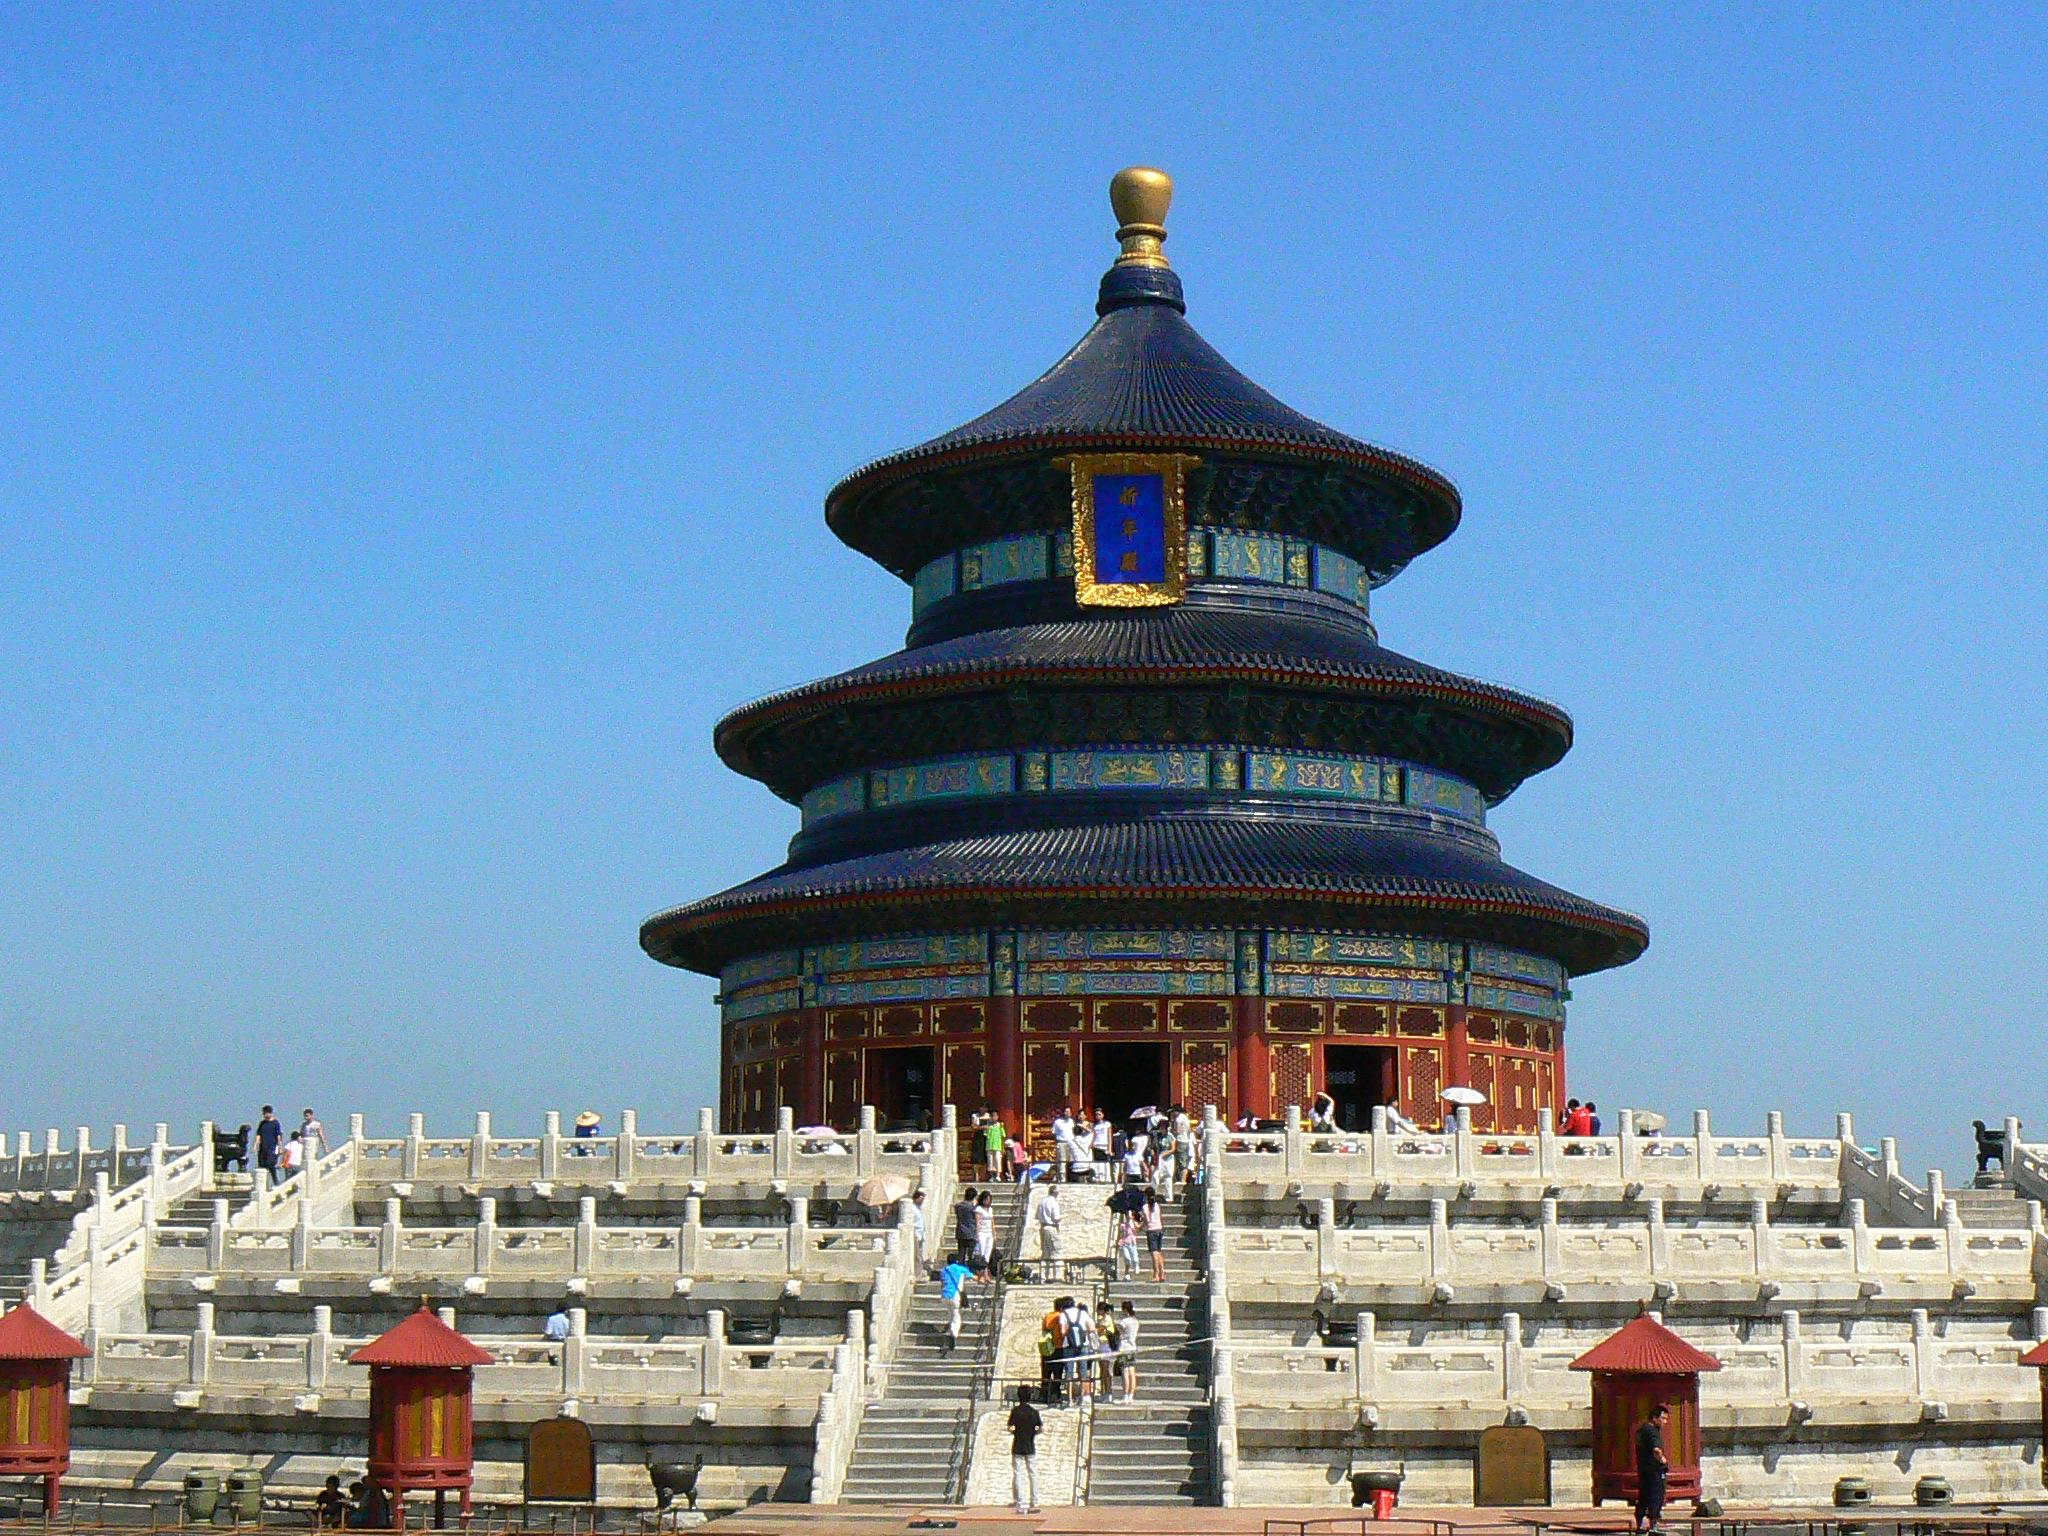 21. Temple of Heaven - Beijing